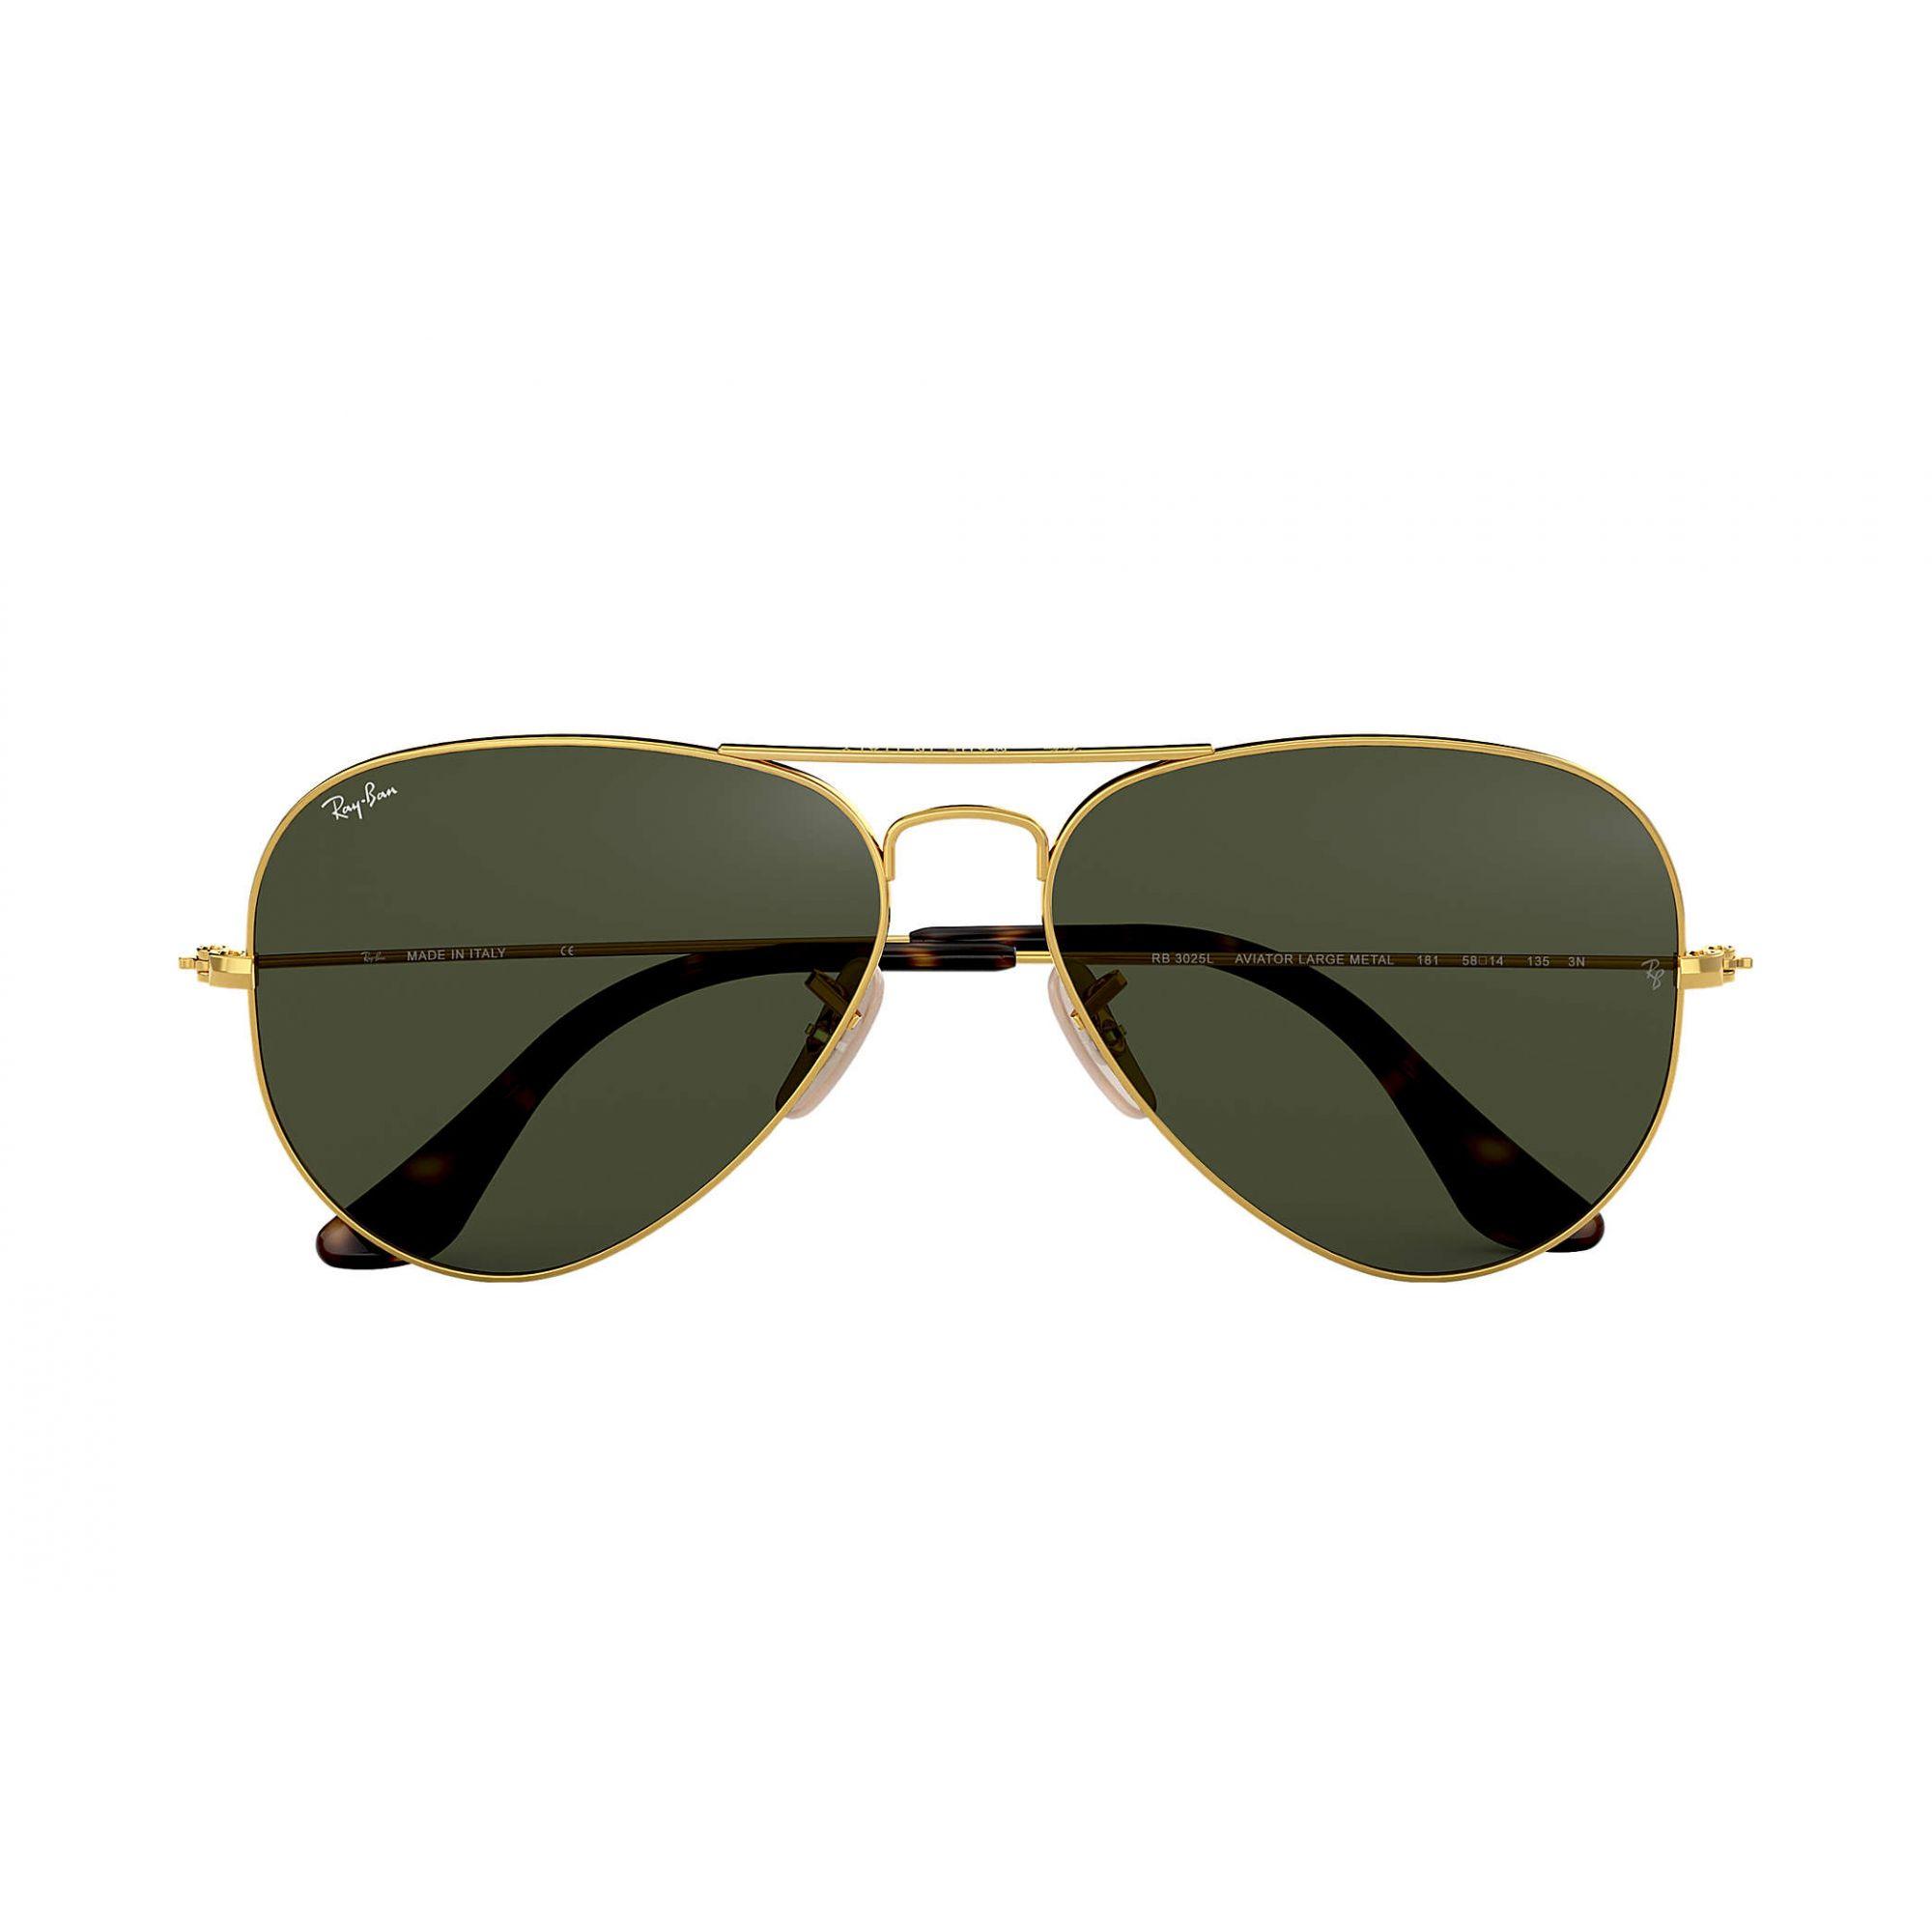 Ray Ban - RB3025L 181 - Óculos de sol